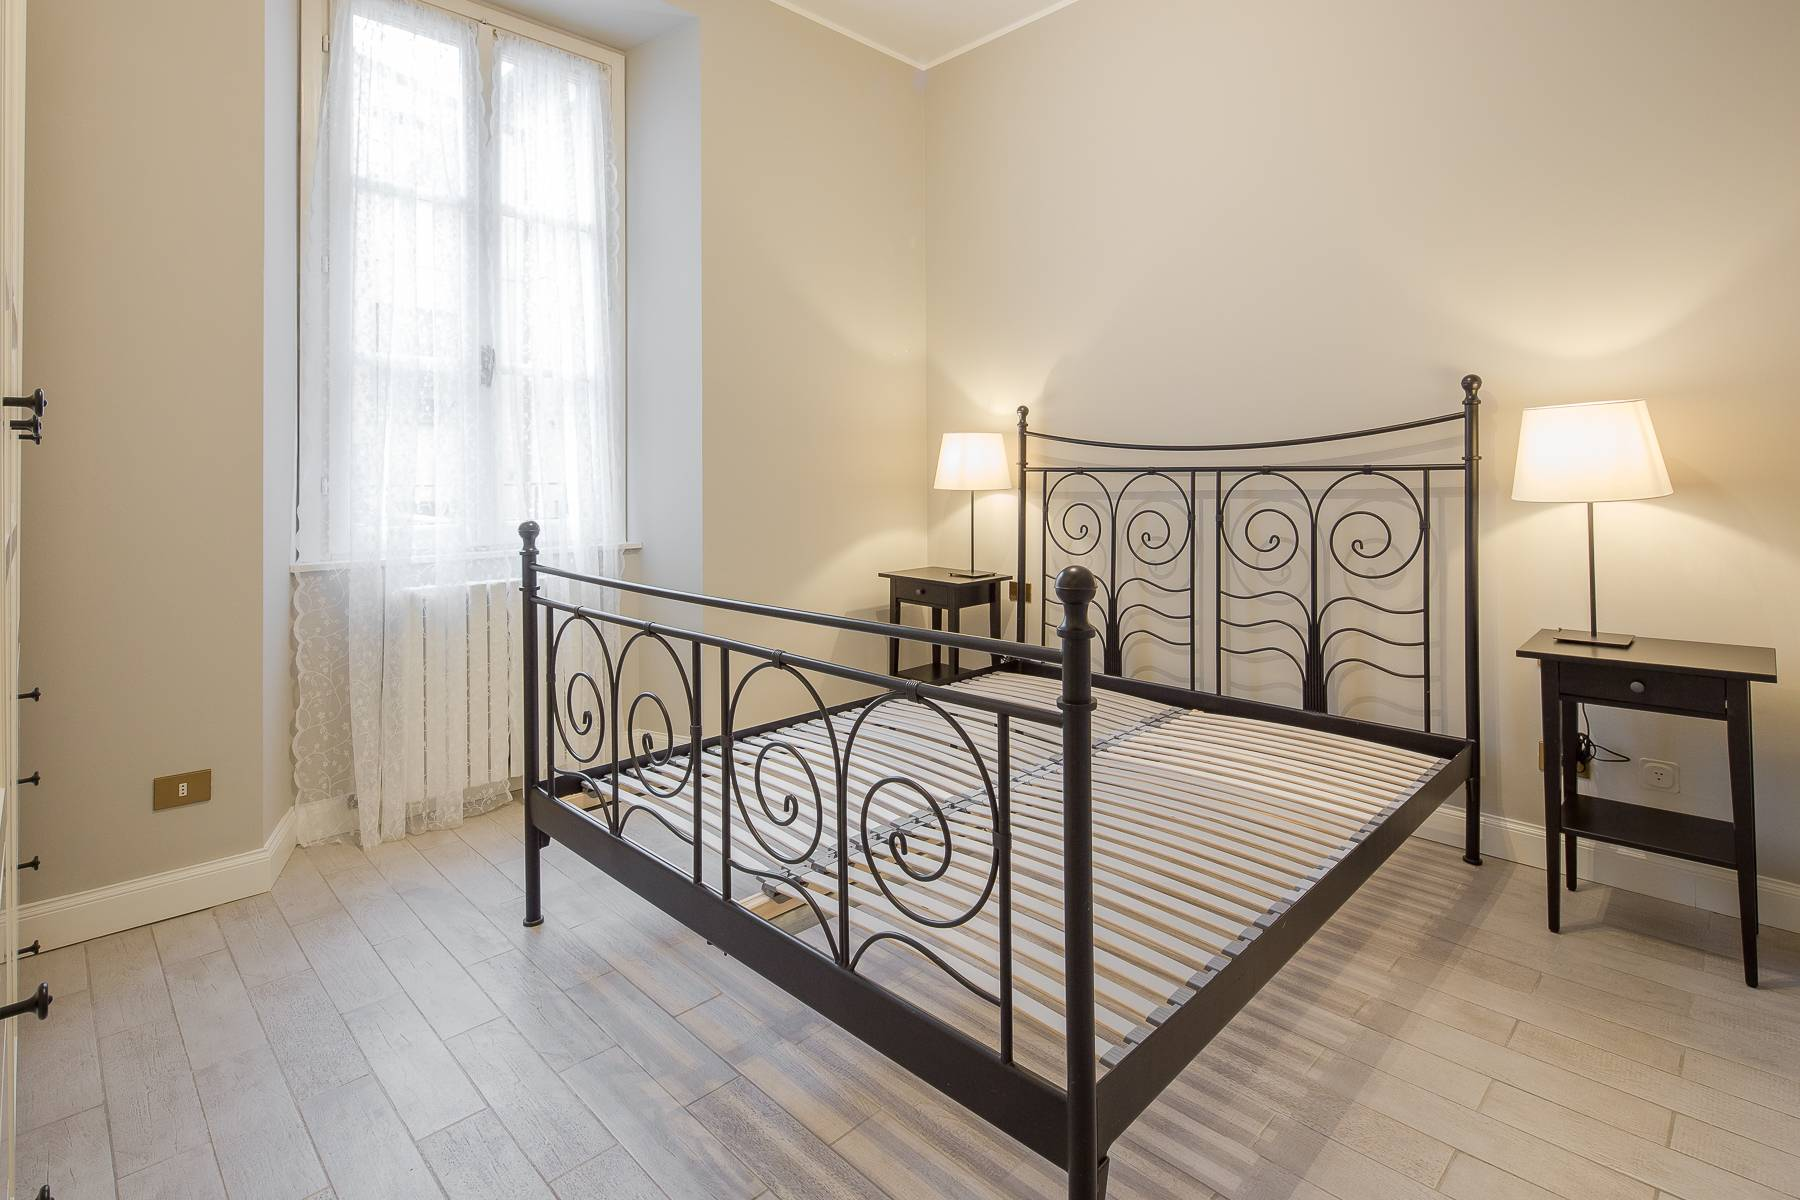 Appartamento in Affitto a Milano: 2 locali, 48 mq - Foto 9